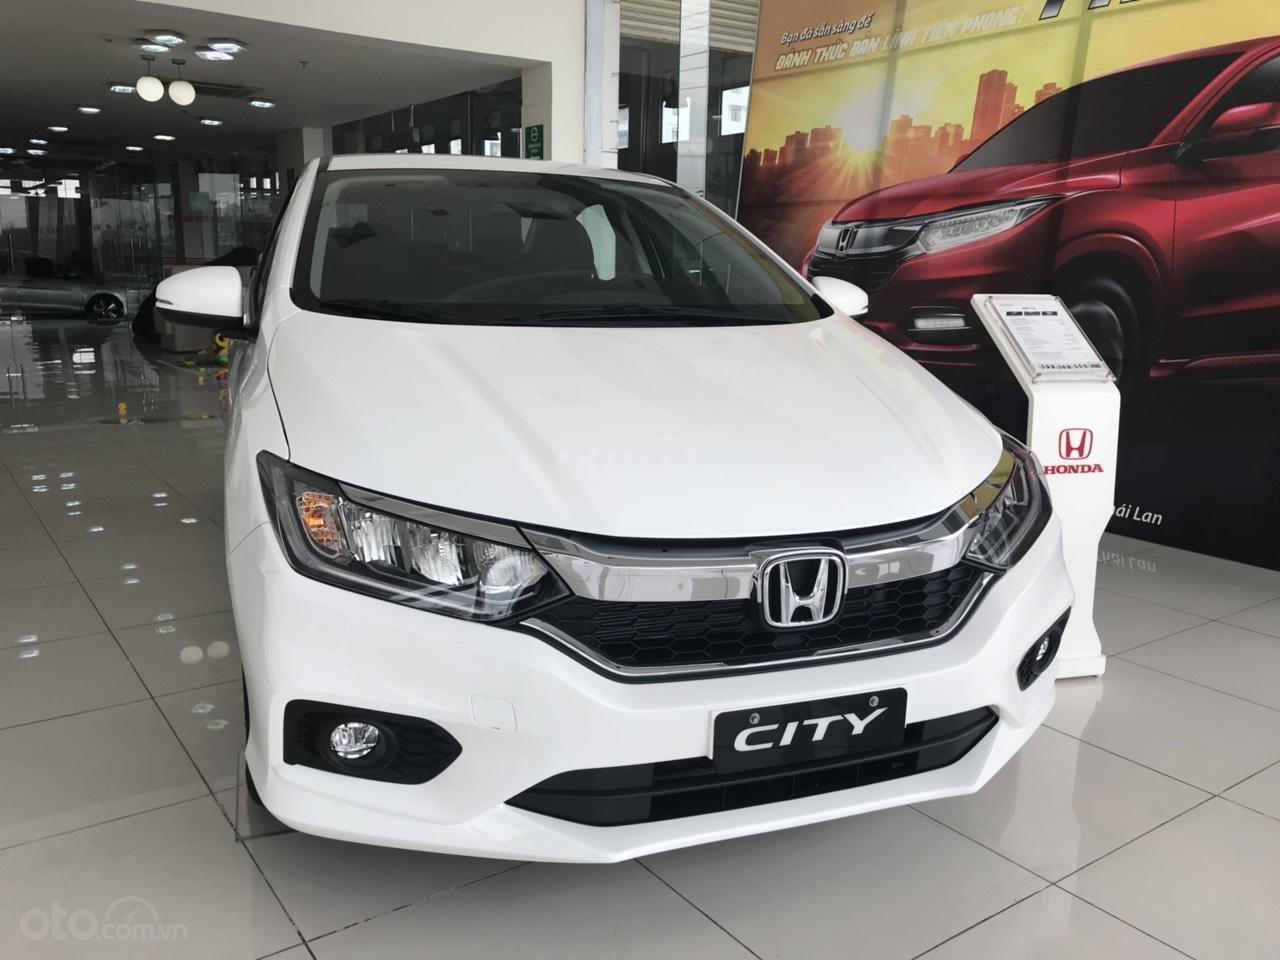 Giảm giá sốc cuối năm chiếc xe Honda City Top 1.5 đời 2019, màu trắng - Có sẵn xe - Giao nhanh toàn quốc (6)